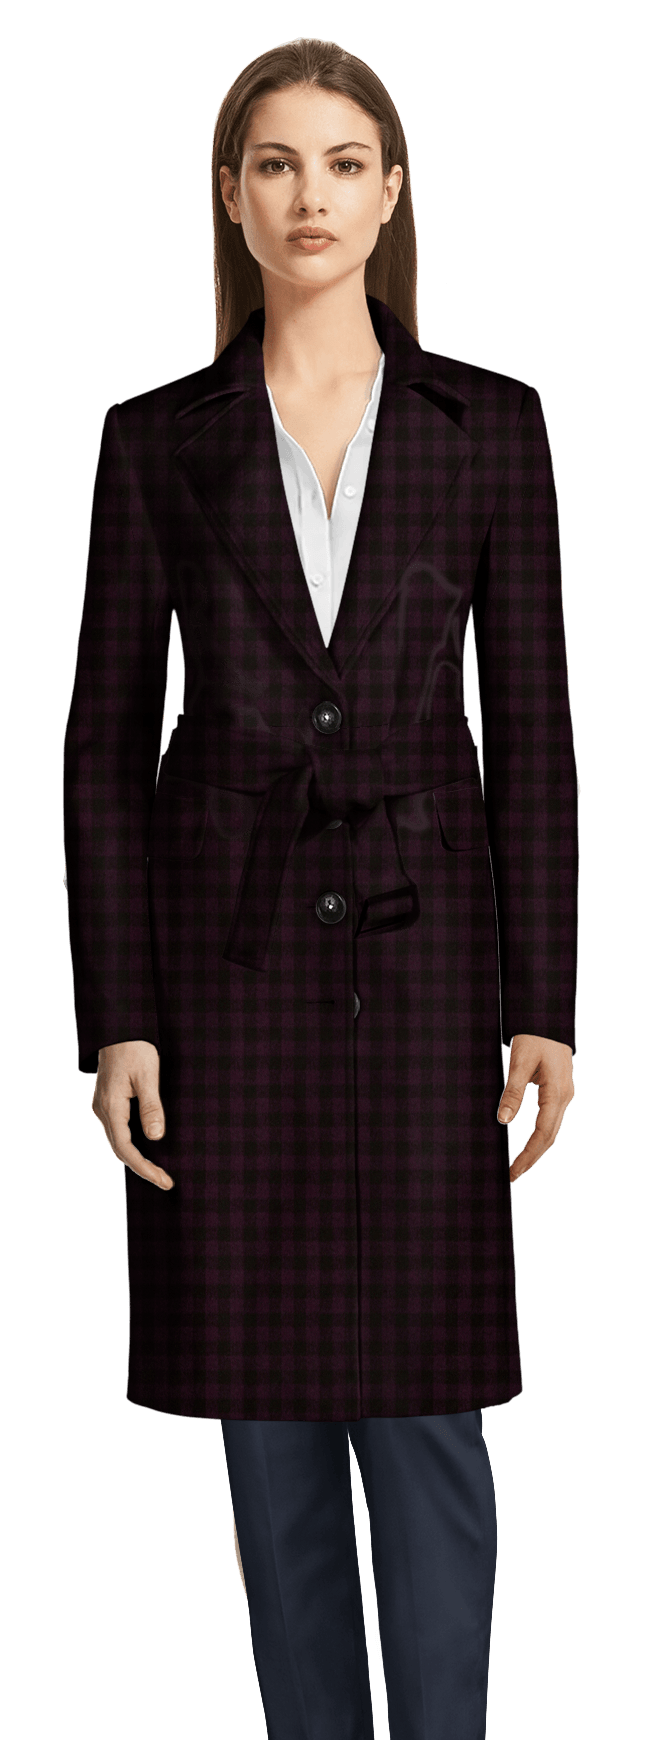 new styles bcd22 53447 Cappotto a quadri Lungo con cintura